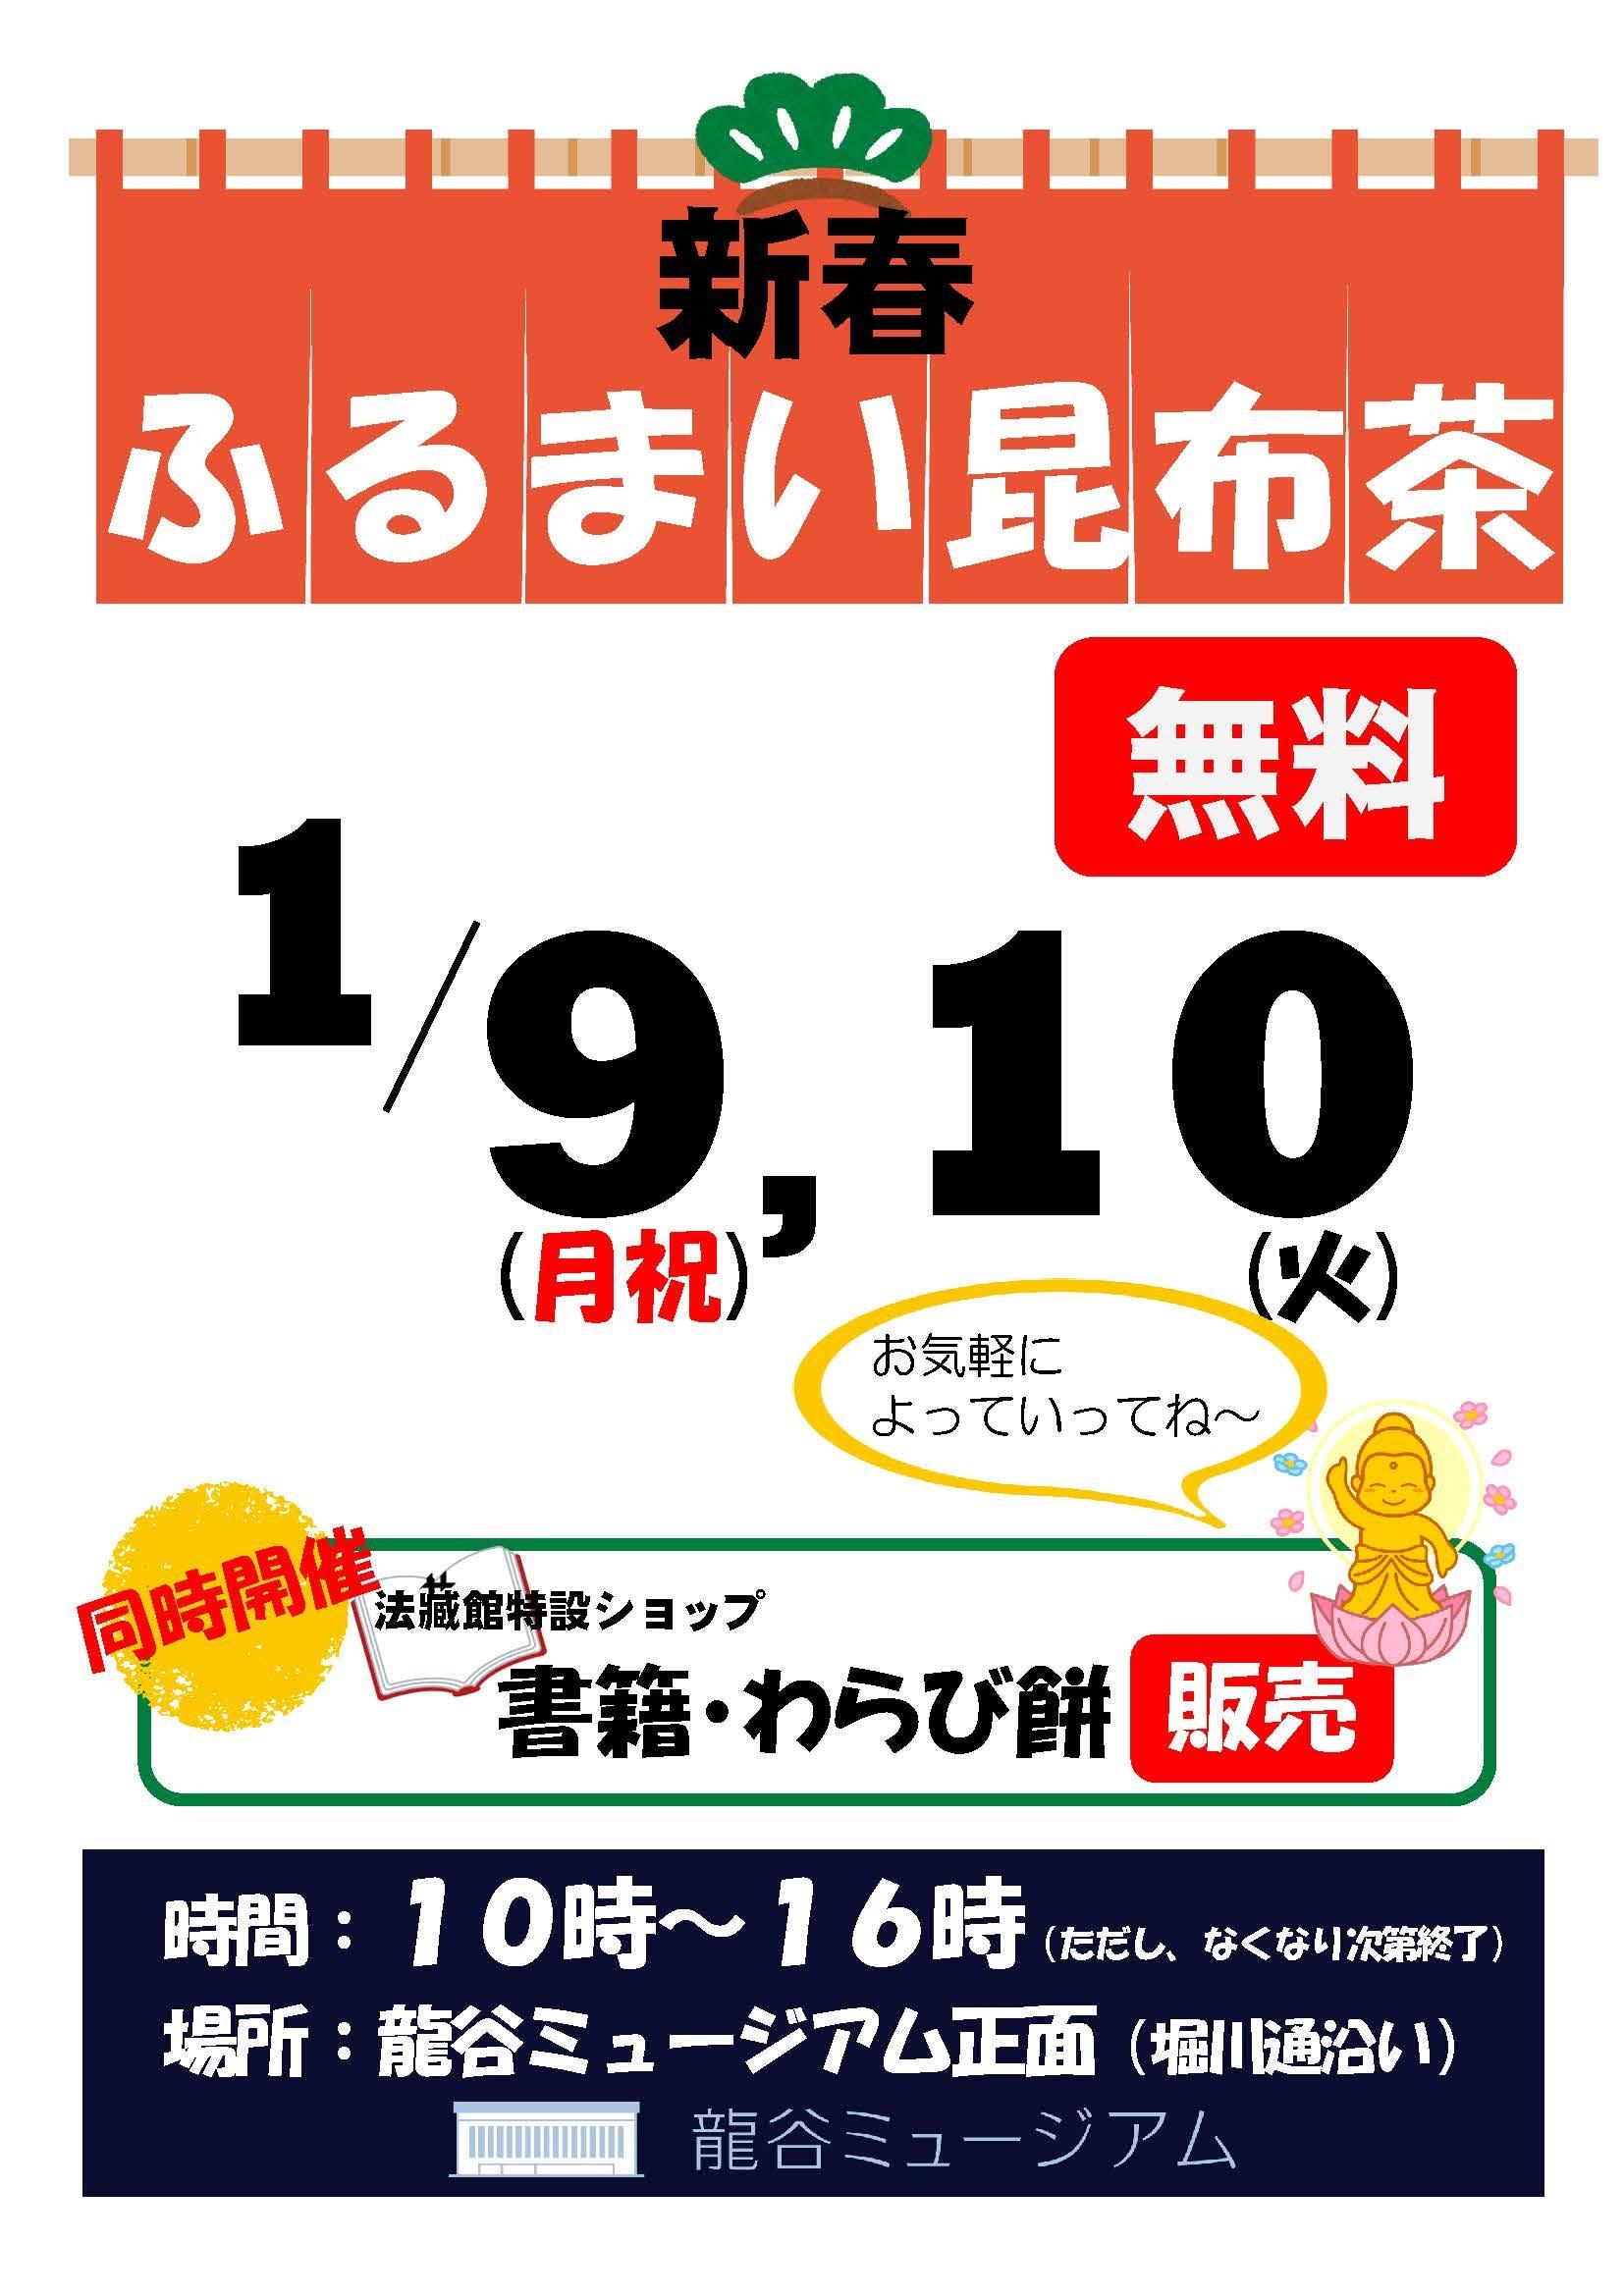 龍谷ミュージアムポスター